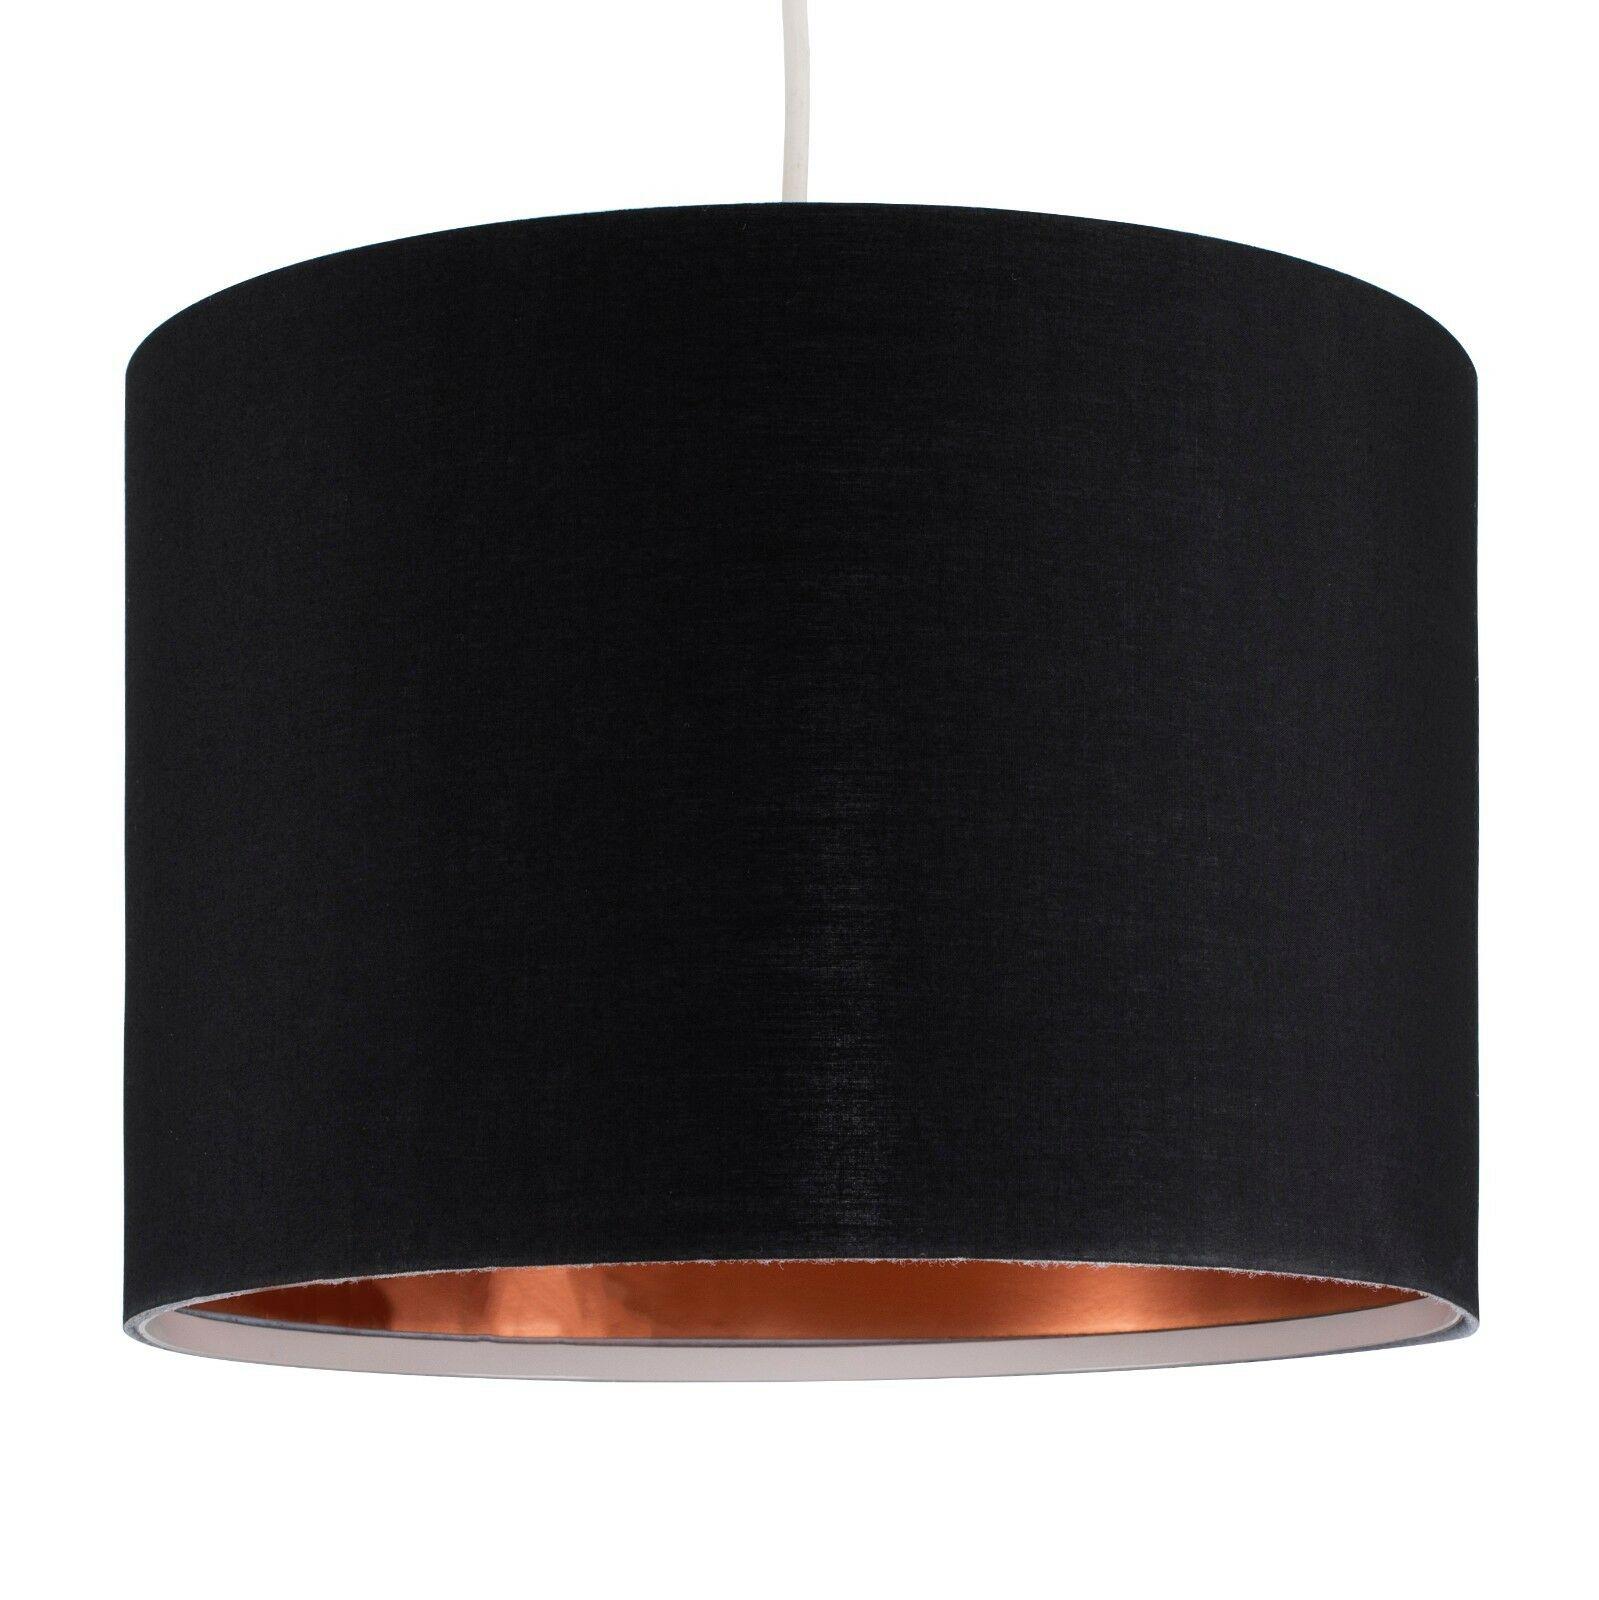 Modern-in-tessuto-cotone-Easy-Fit-Soffitto-Ciondolo-Luce-a-tamburo-Tonalita-Tavolo-Paralume miniatura 32